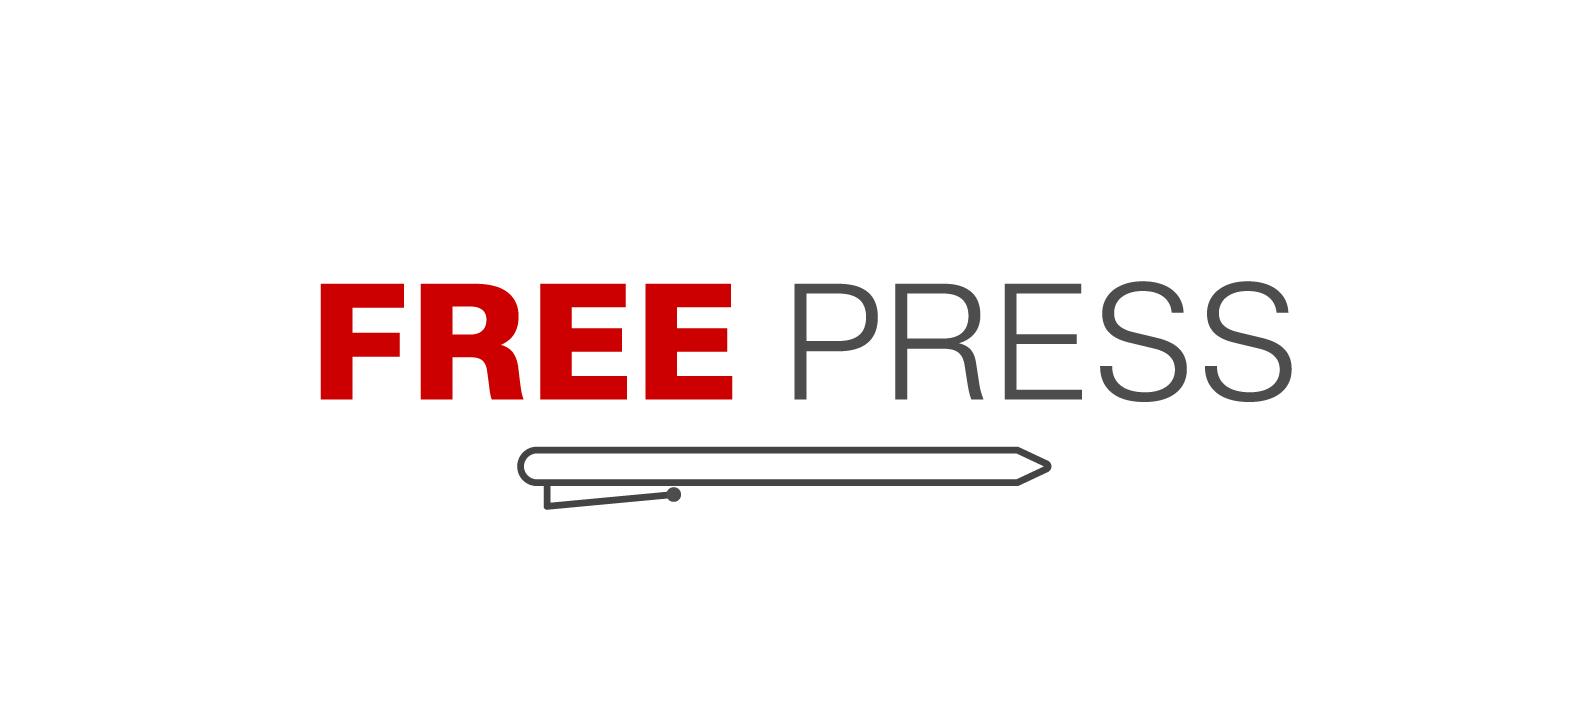 2-free-press-logo-pen.jpg